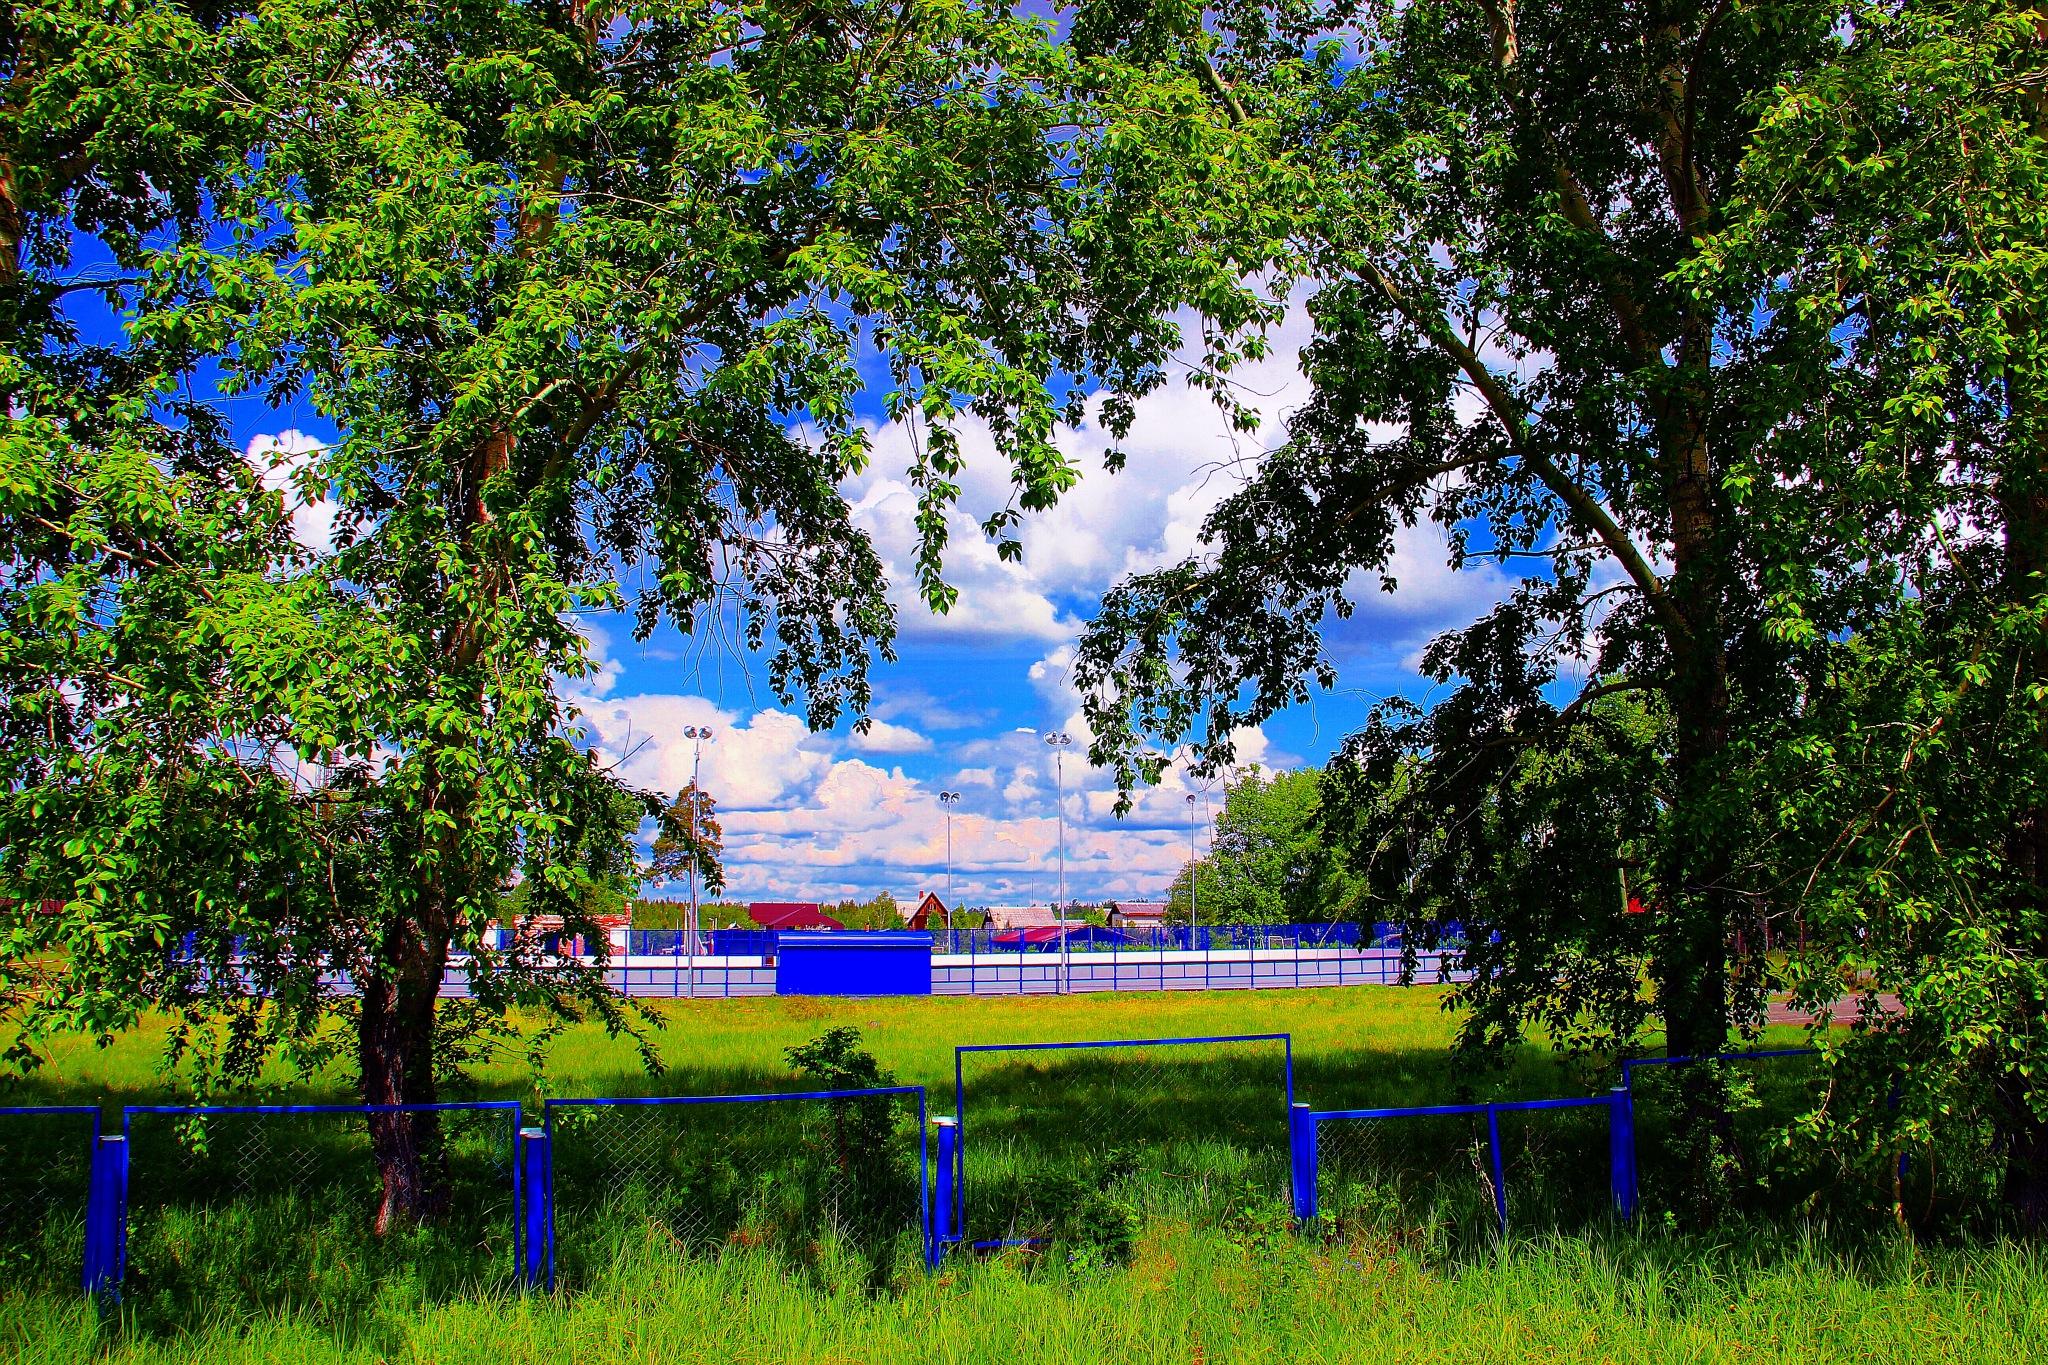 Summer by sergey.parfeniuk